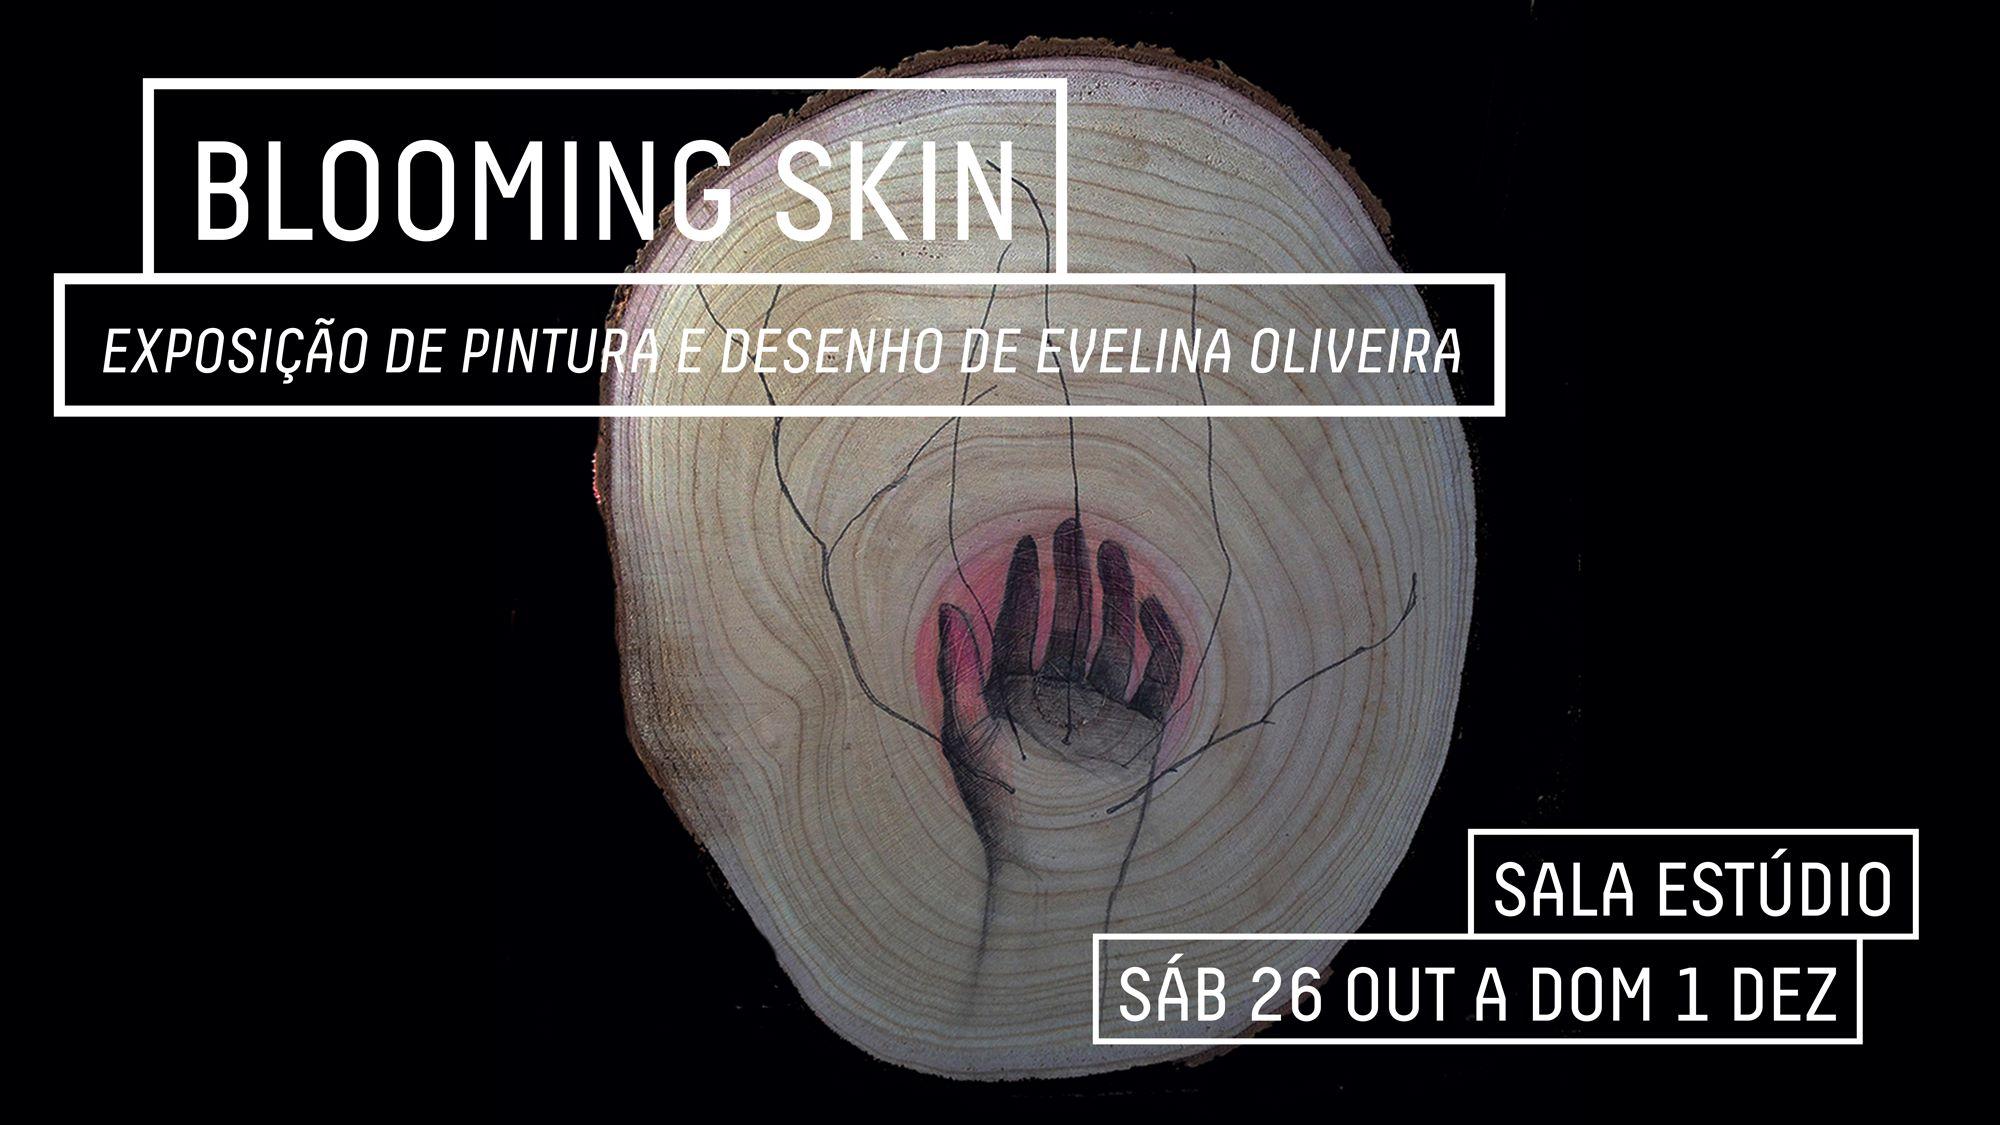 Blooming Skin Exposição de Pintura e Desenho de Evelina Oliveira no CAA – Centro de Artes de Águeda